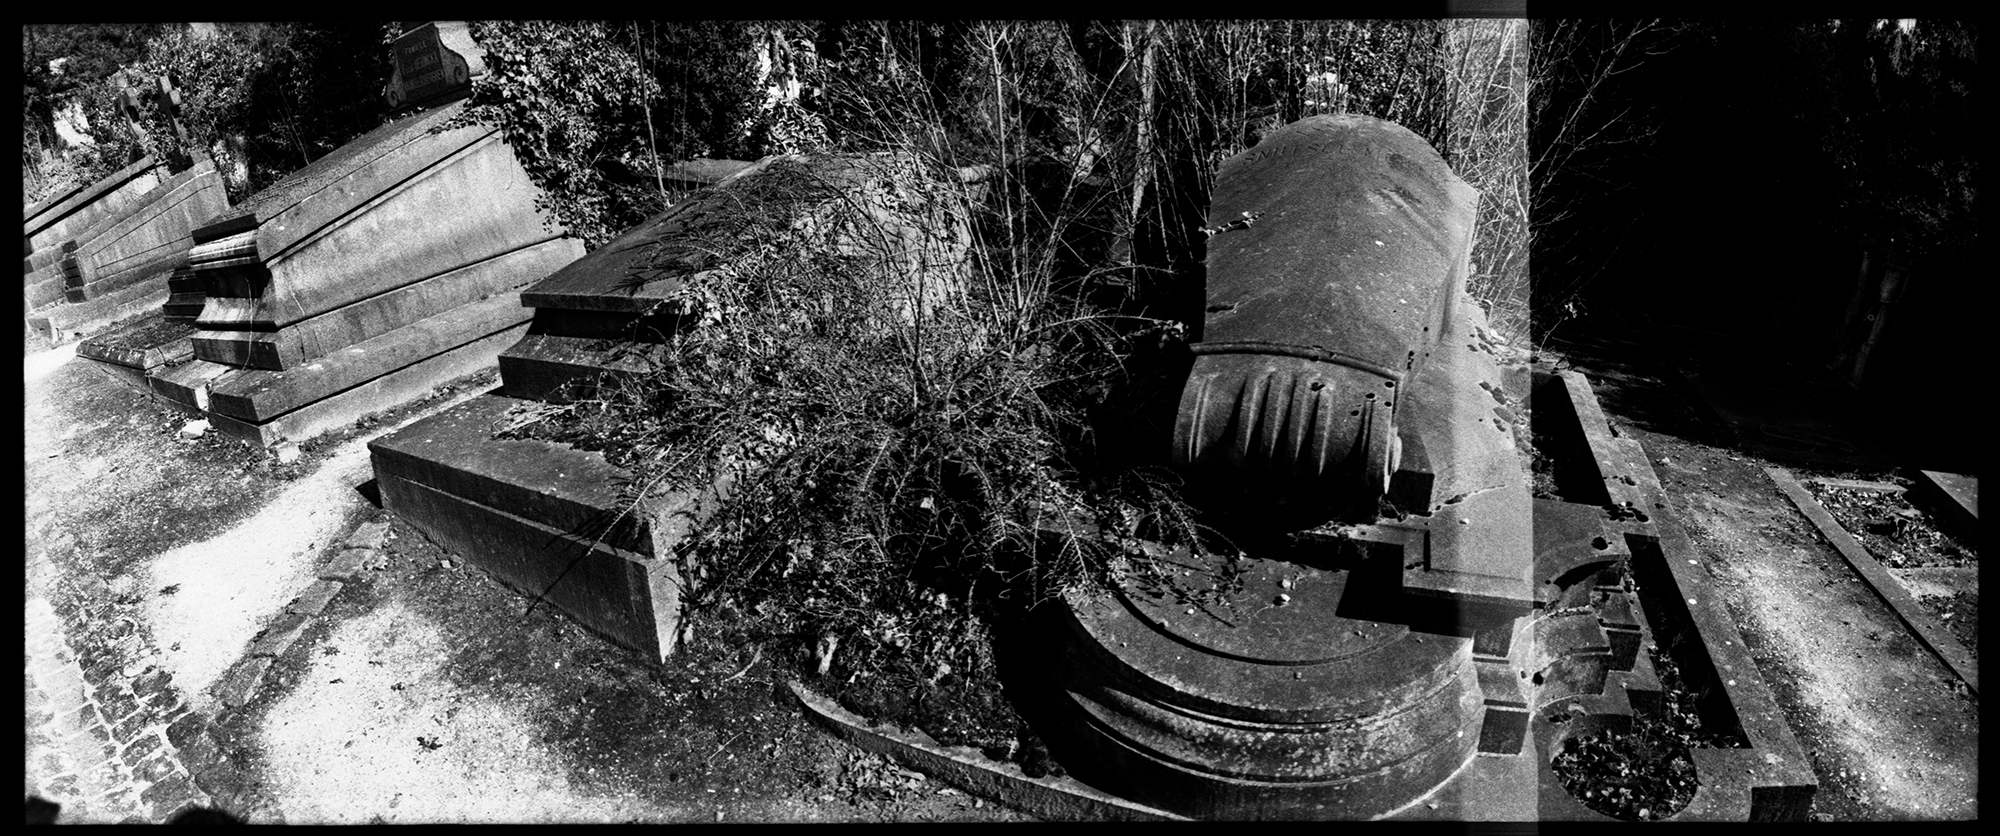 Dieweg Cemetery by Laurent Orseau #42